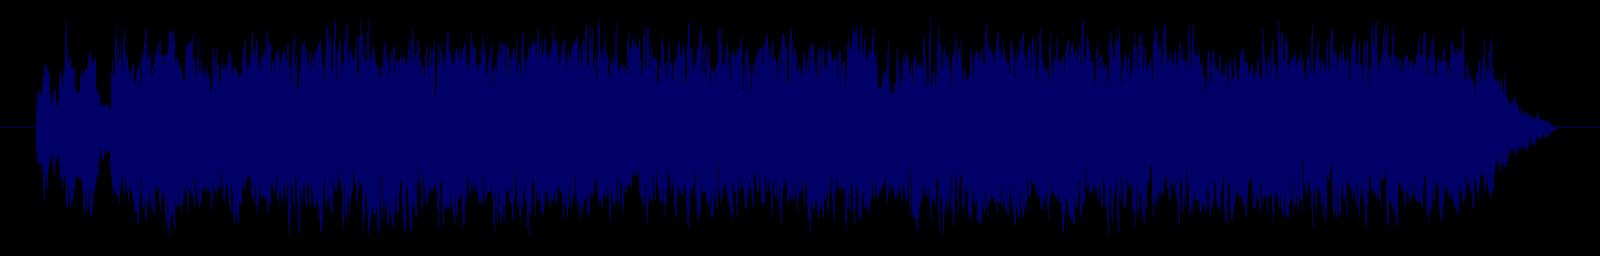 waveform of track #143764